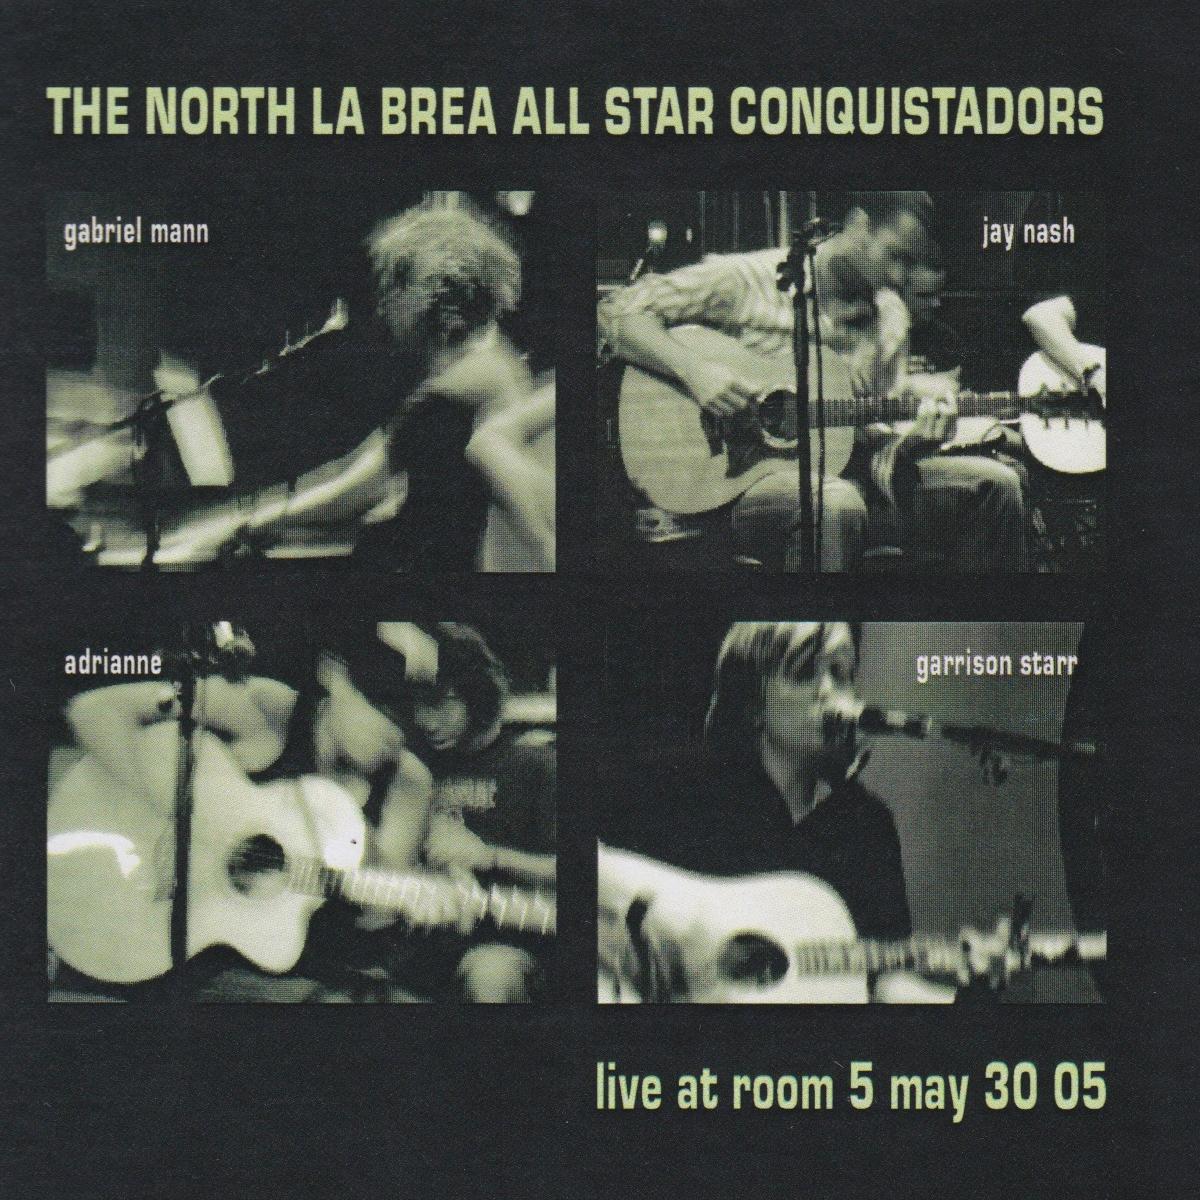 LIVE AT ROOM 5 MAY 30 (2005)